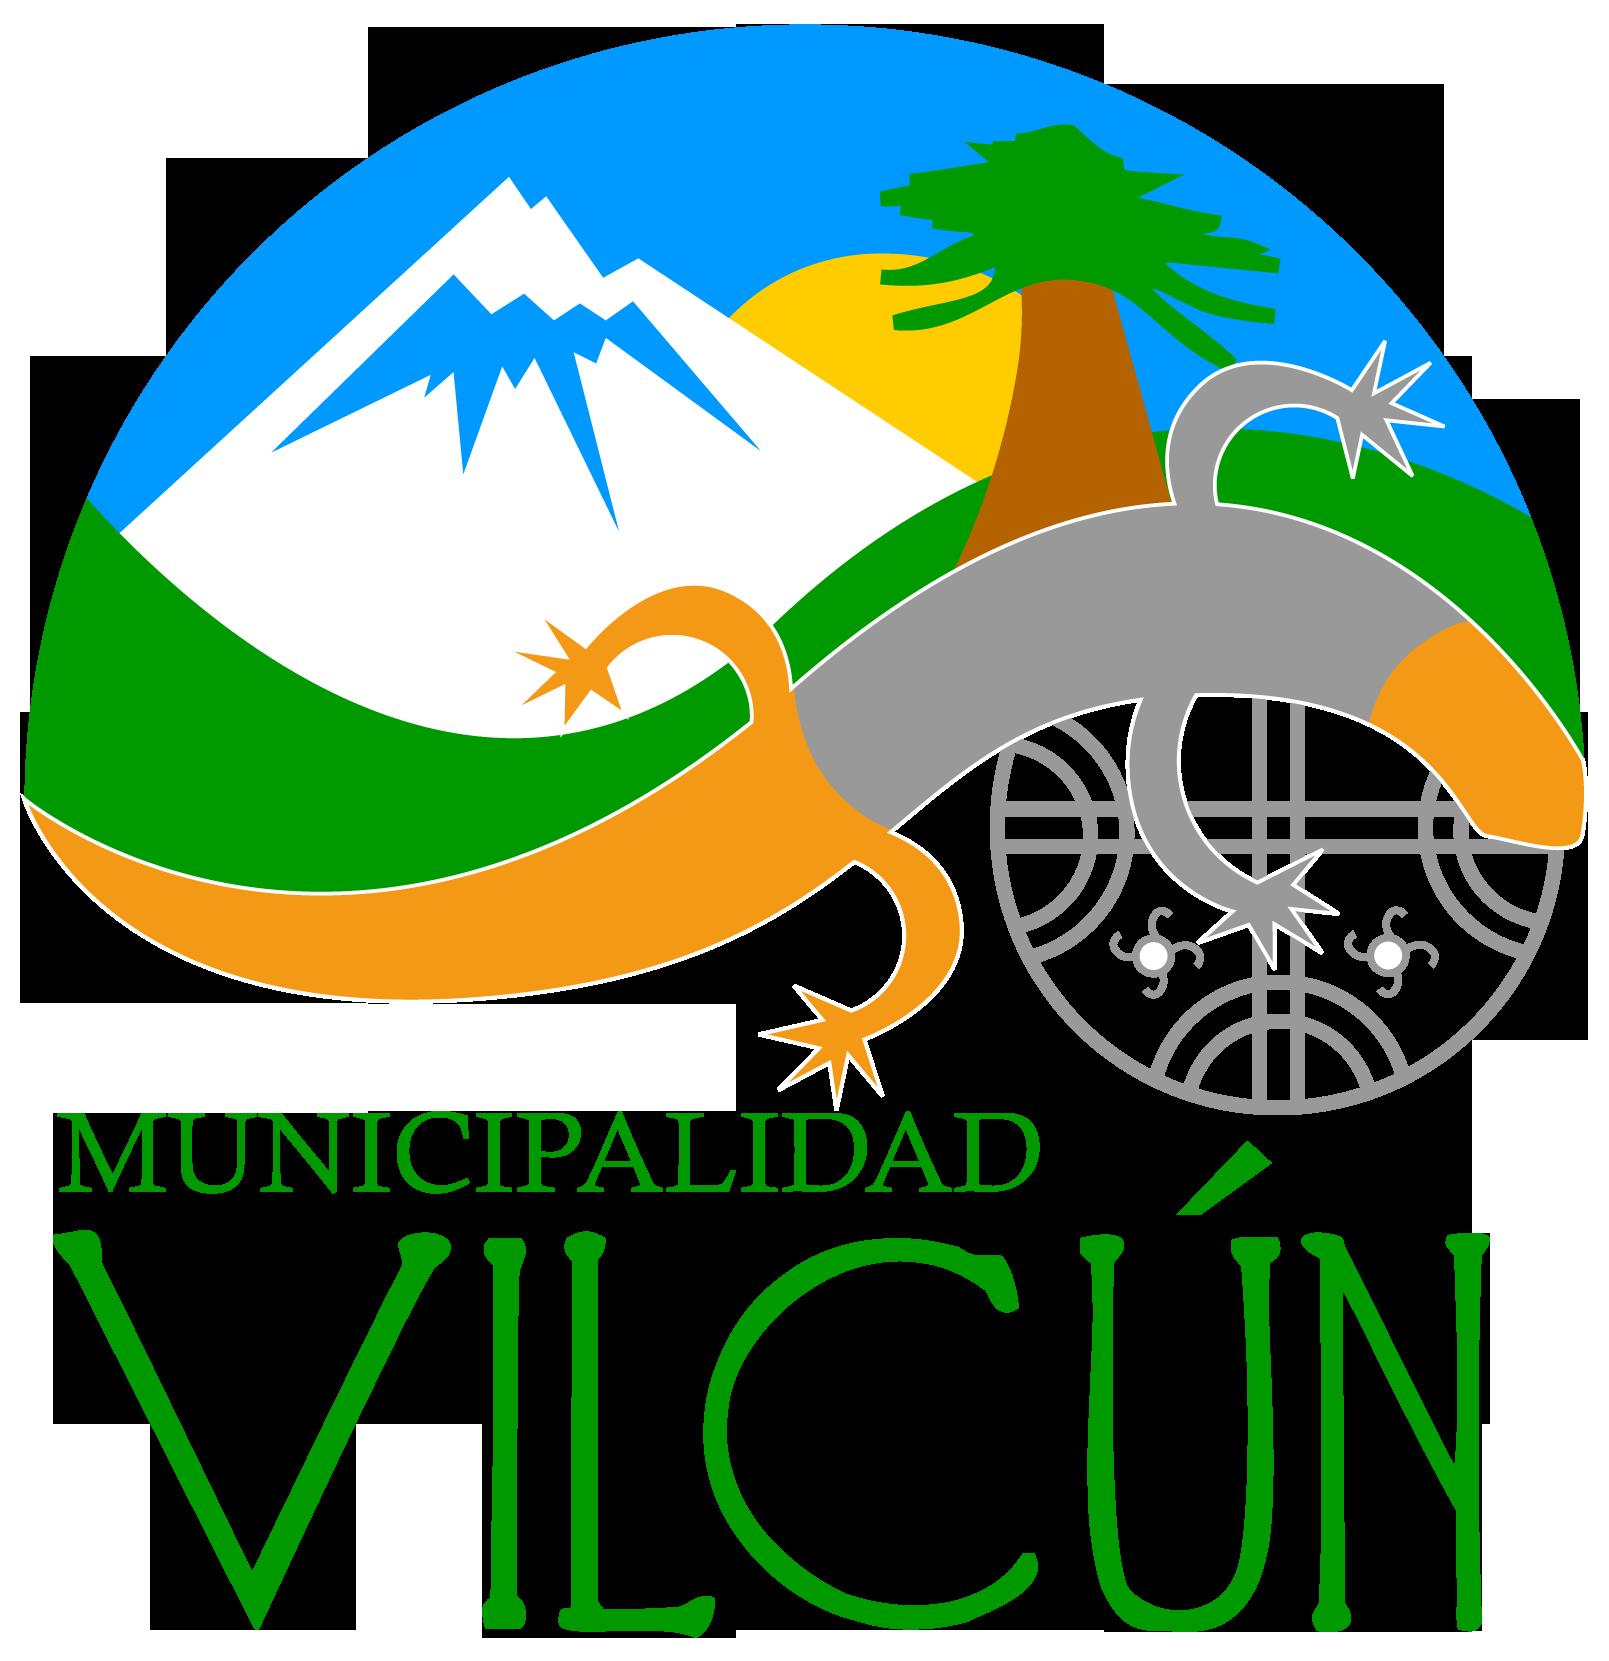 municipalidad_de_vilcun